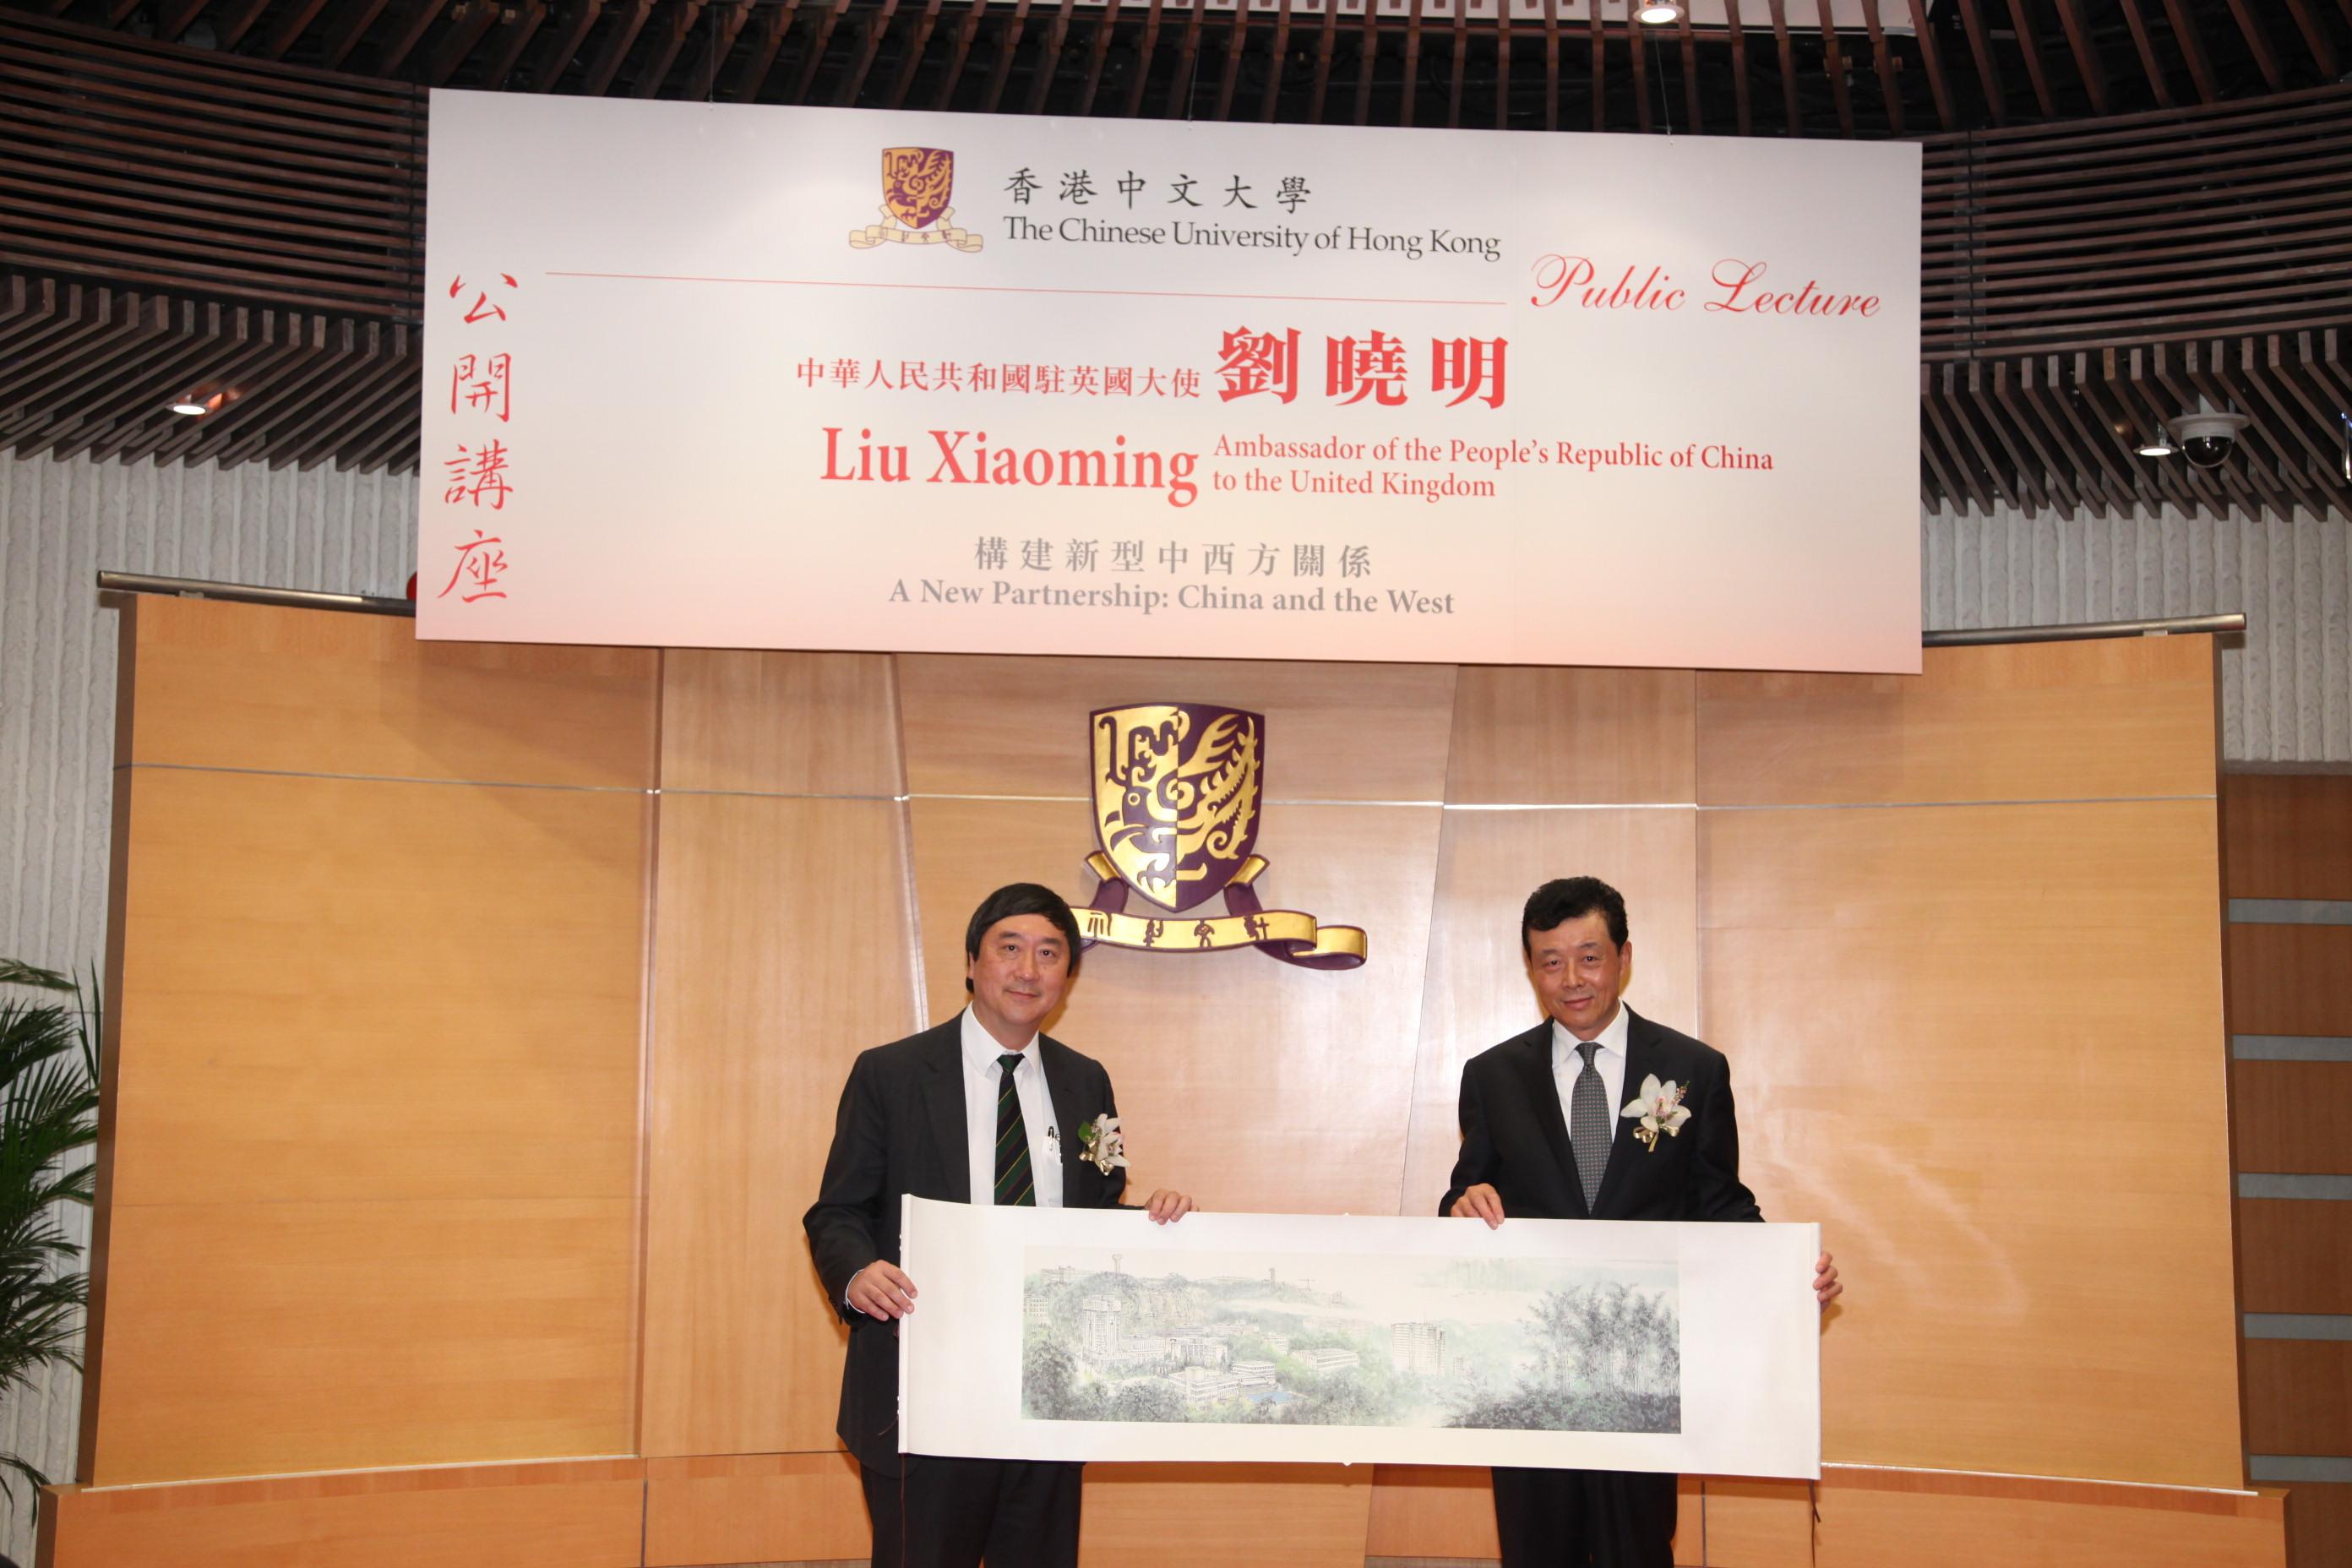 中大校长沈祖尧教授(左)致送纪念品予刘晓明先生